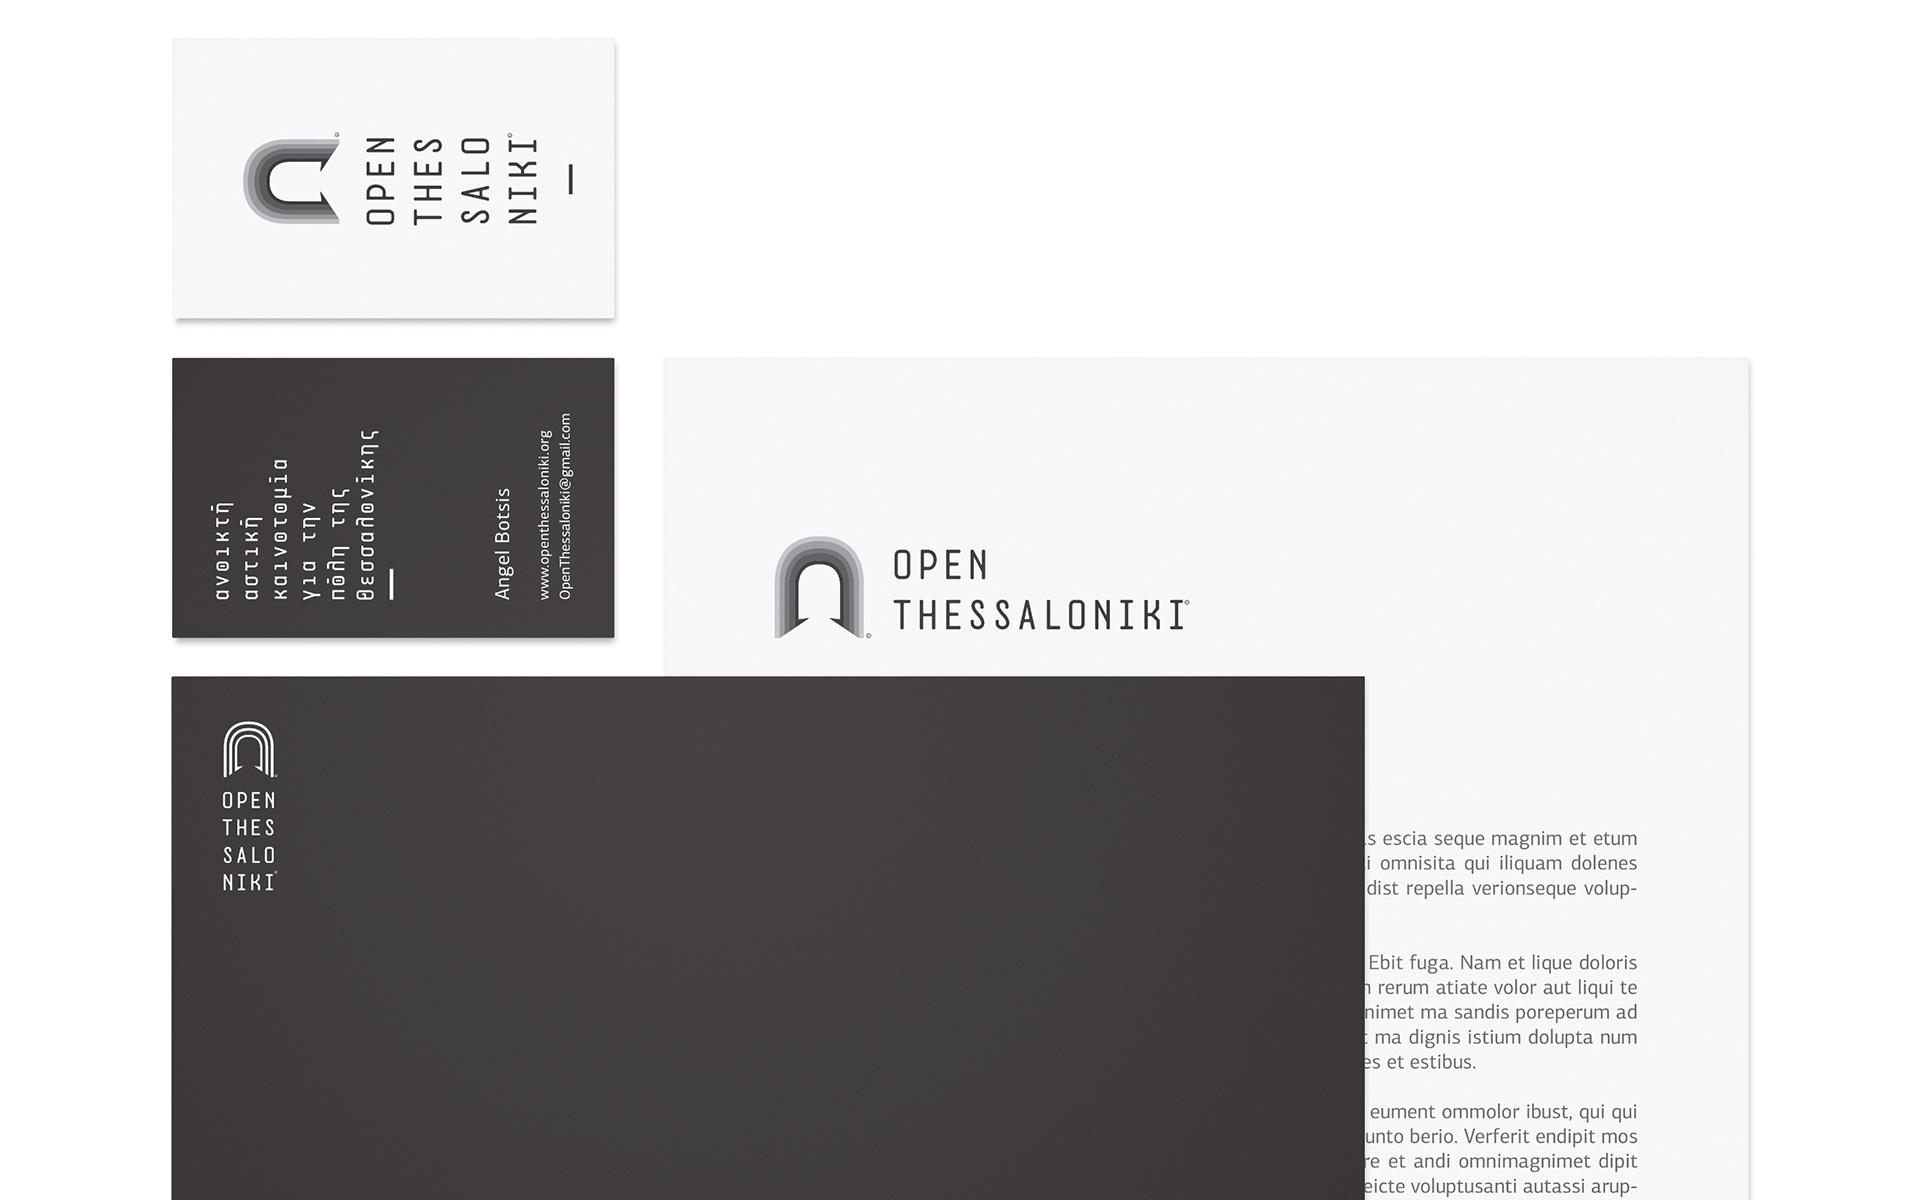 Open_6